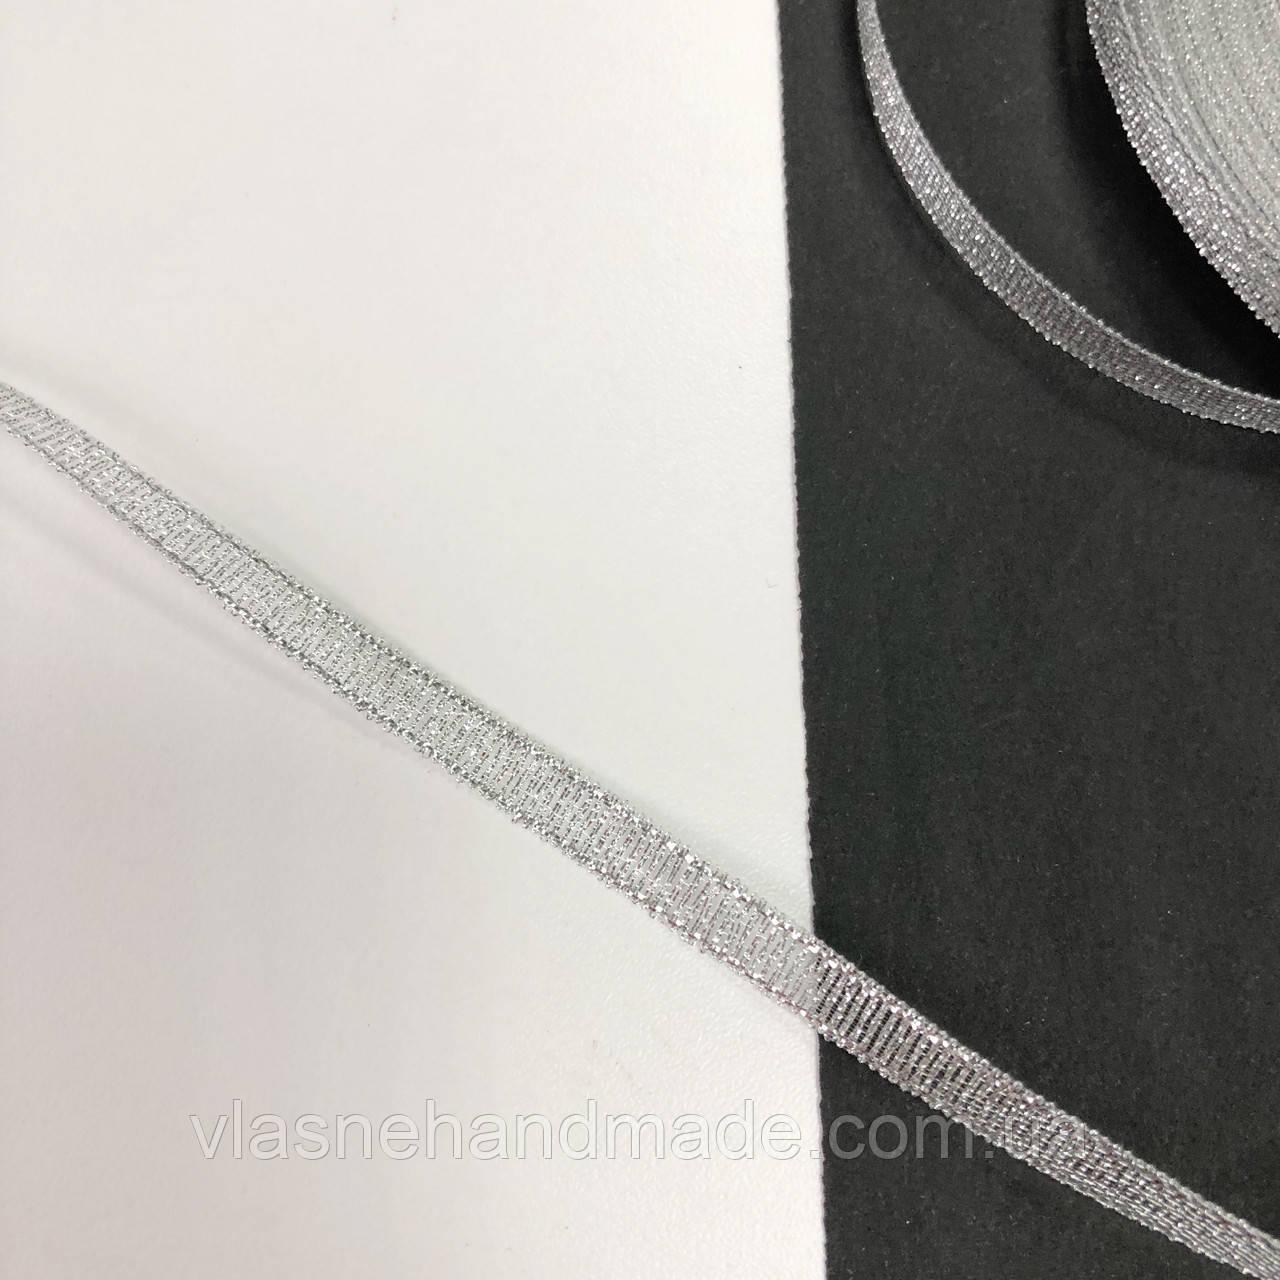 Стрічка для пакування. Срібляста. 6 мм. Ціна за 1 ярд (90 см)